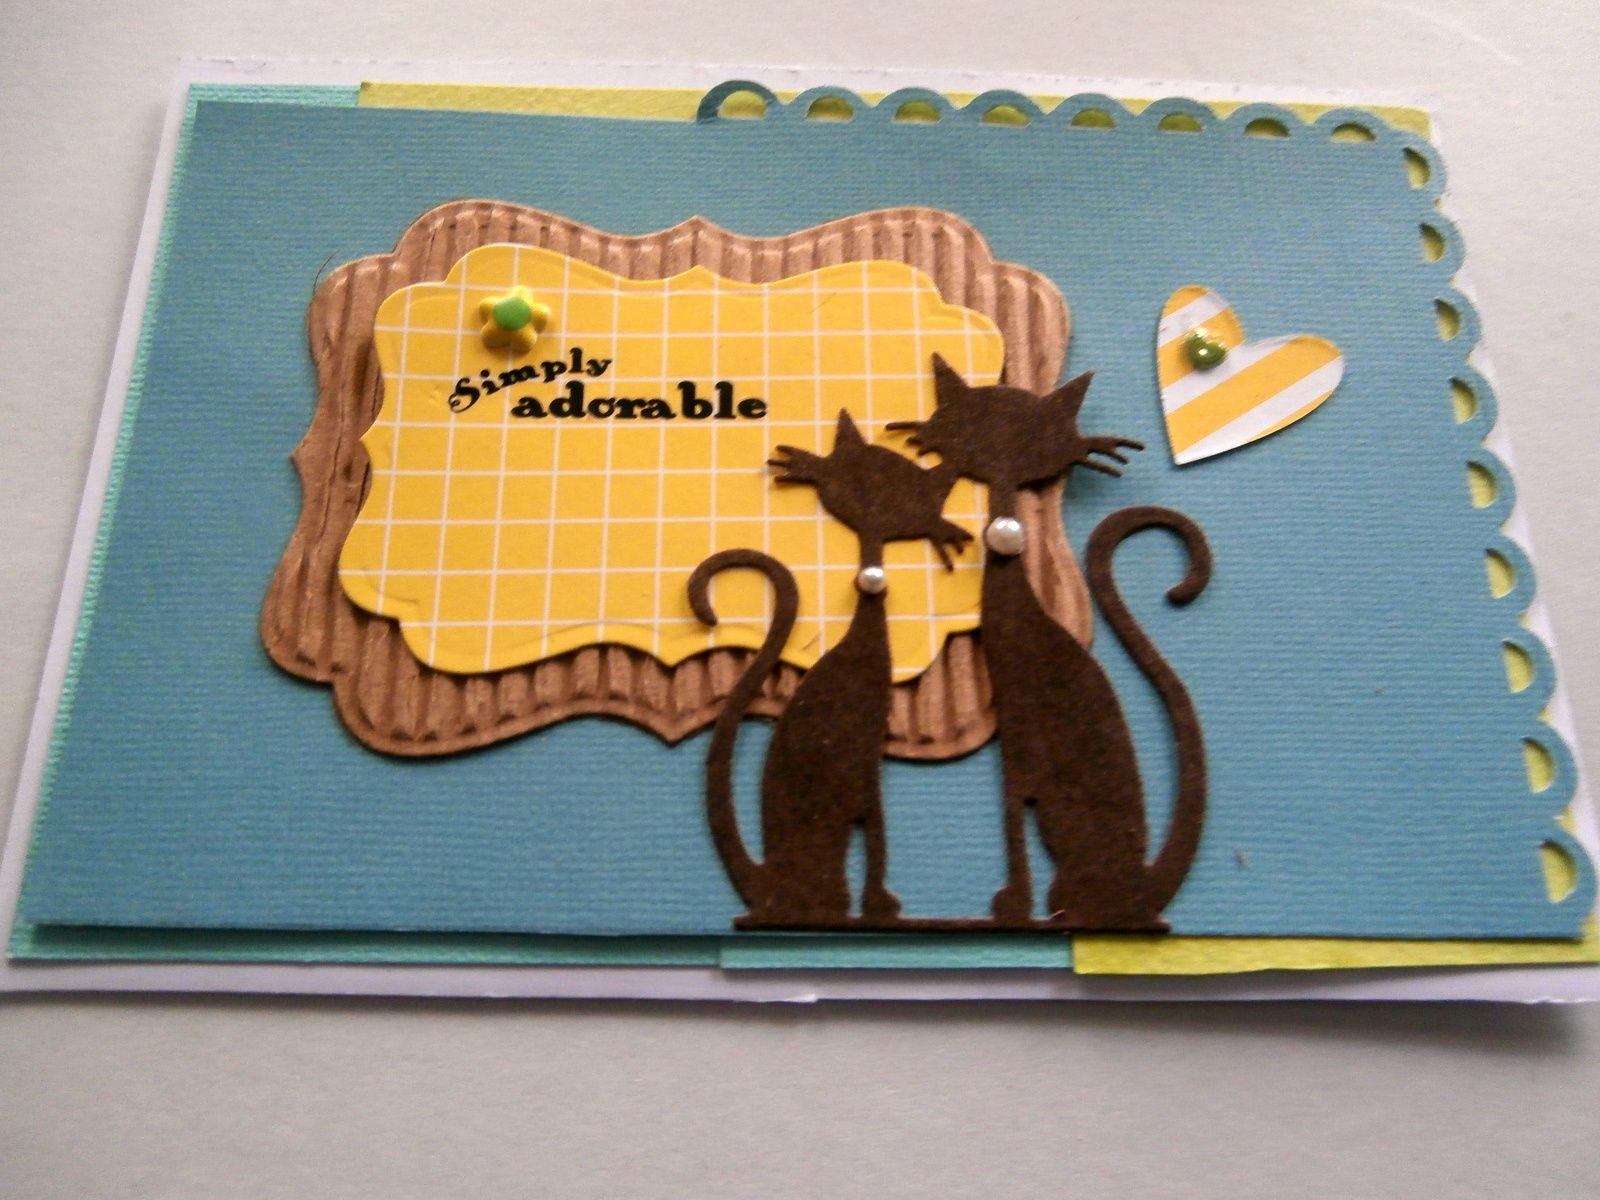 A enfin je peu a nouveau publier merci!! overblog :) voici ma cartounette avec mes petit chat que j'adore il sont trop mignon &#x3B;) Bonne journée à toutes et à tous!